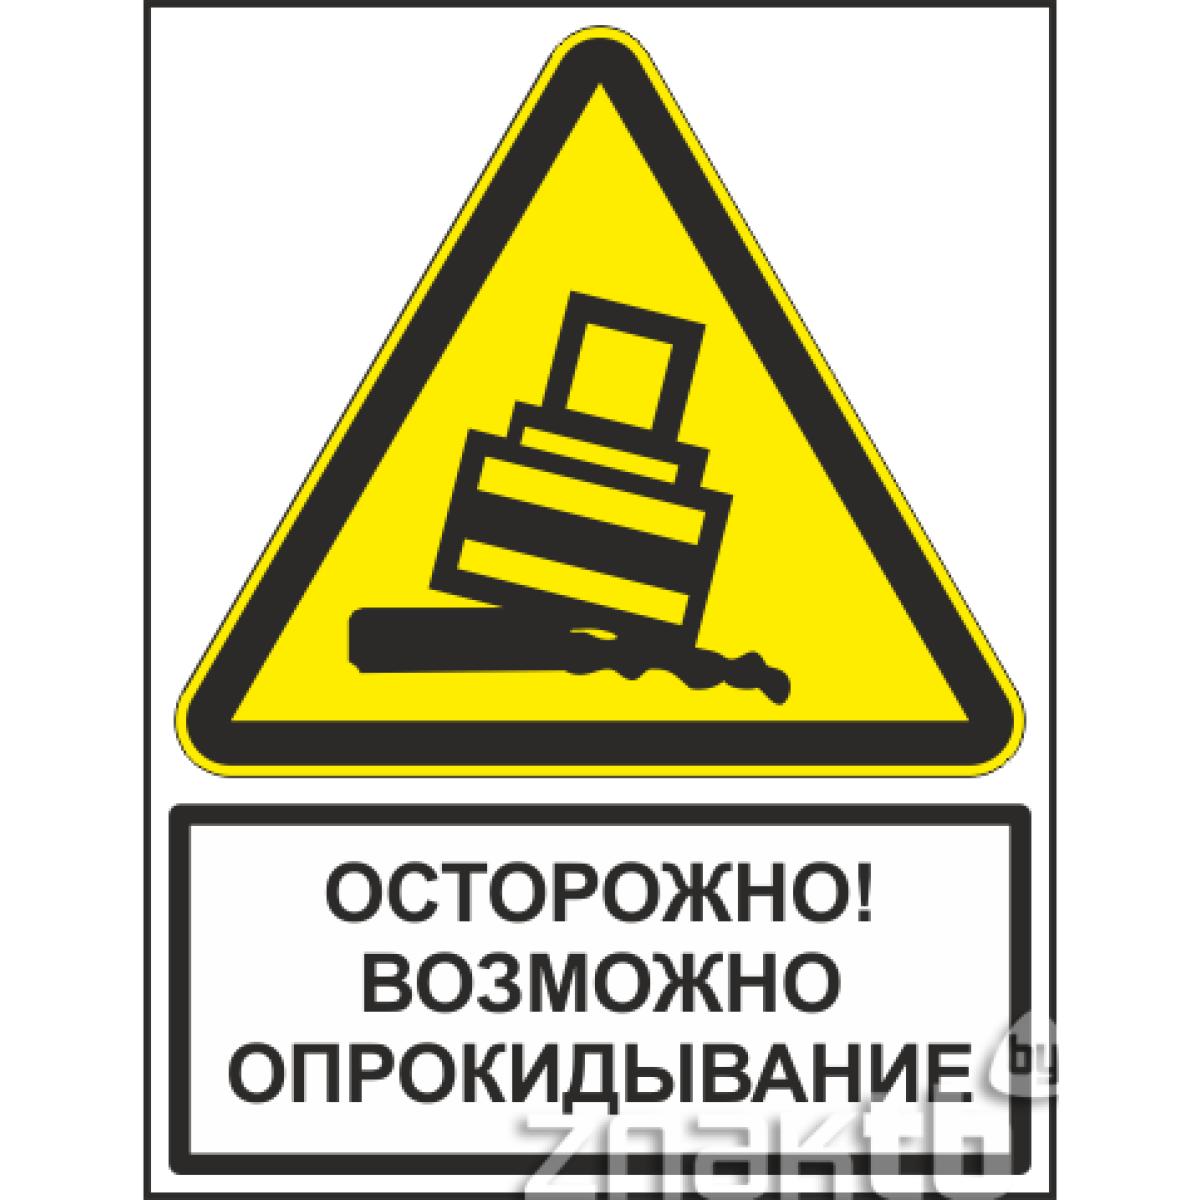 525 Знак Осторожно! Возможно опрокидывание (с поясняющей надписью)